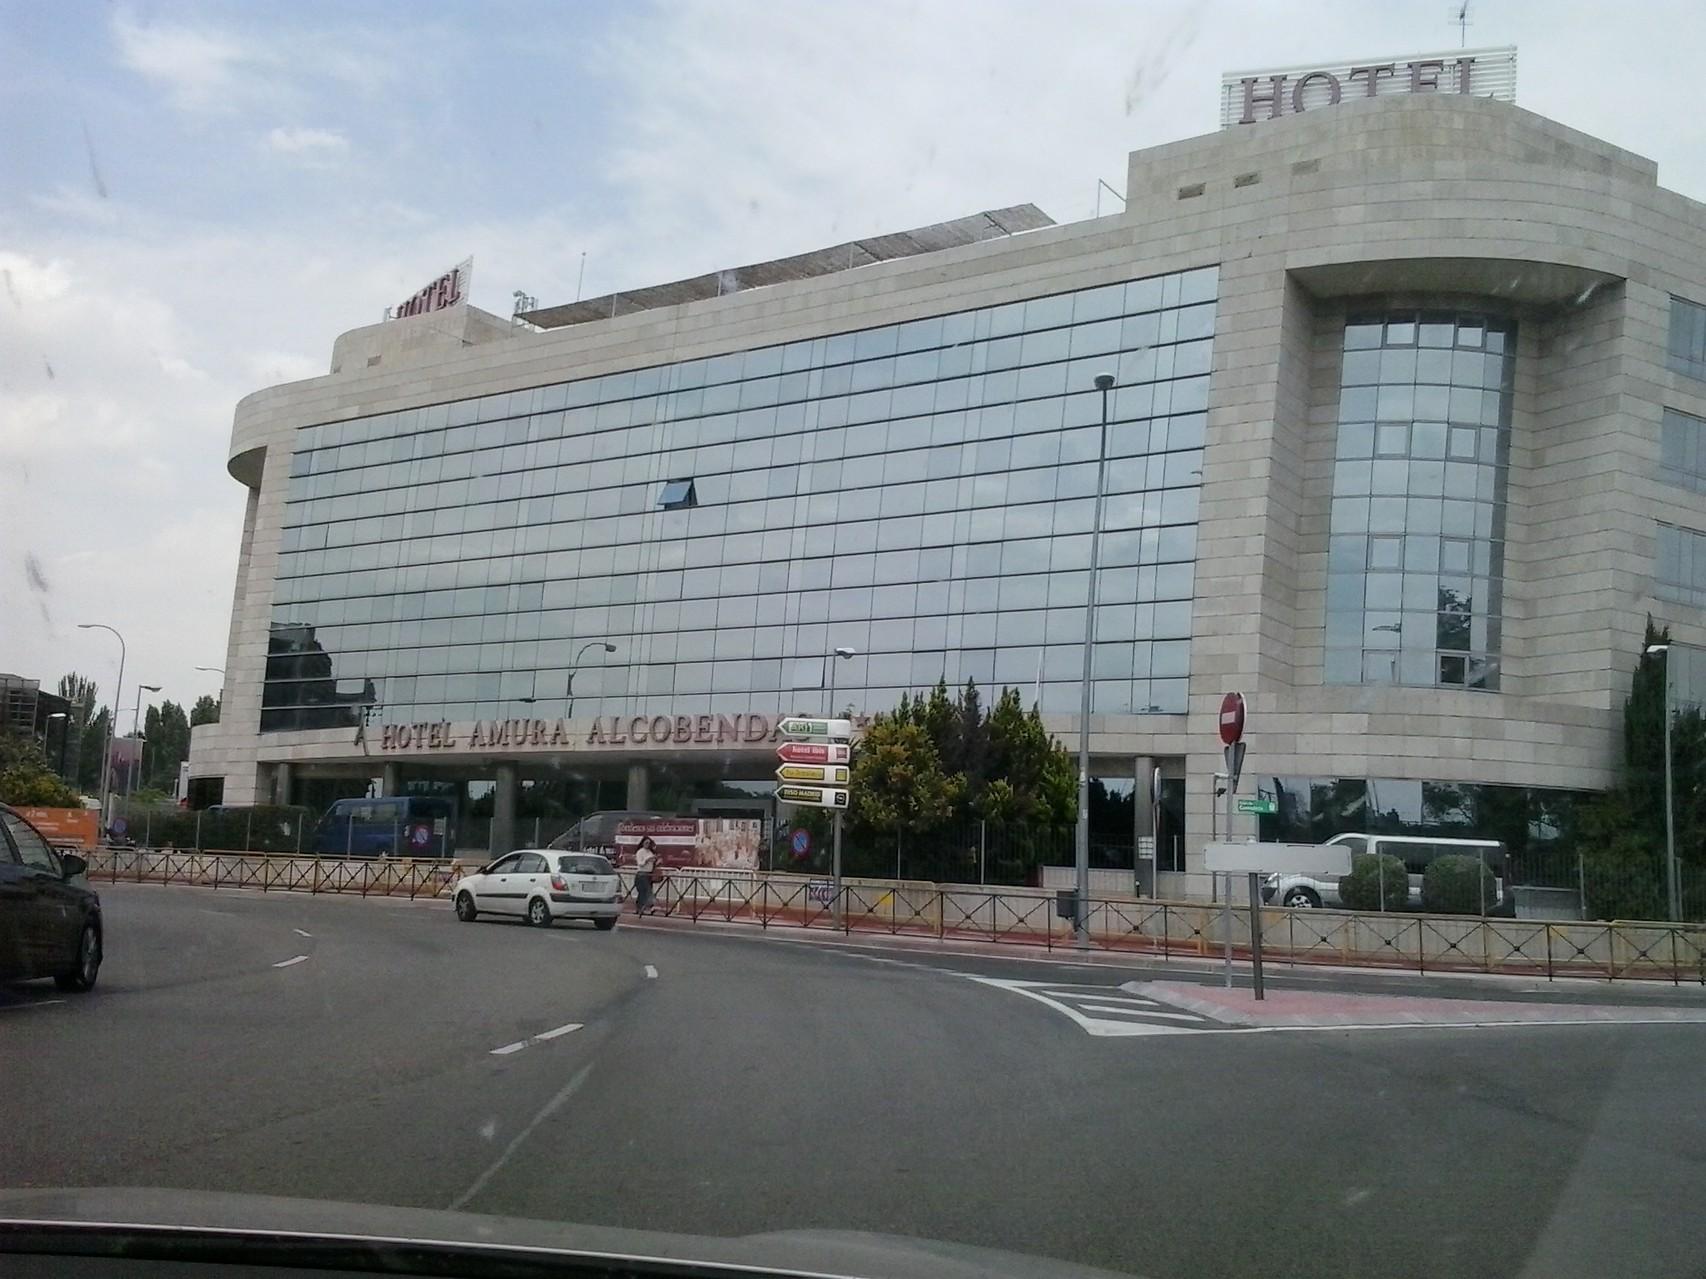 Llegada al Hotel Amura, salida 16, N-1